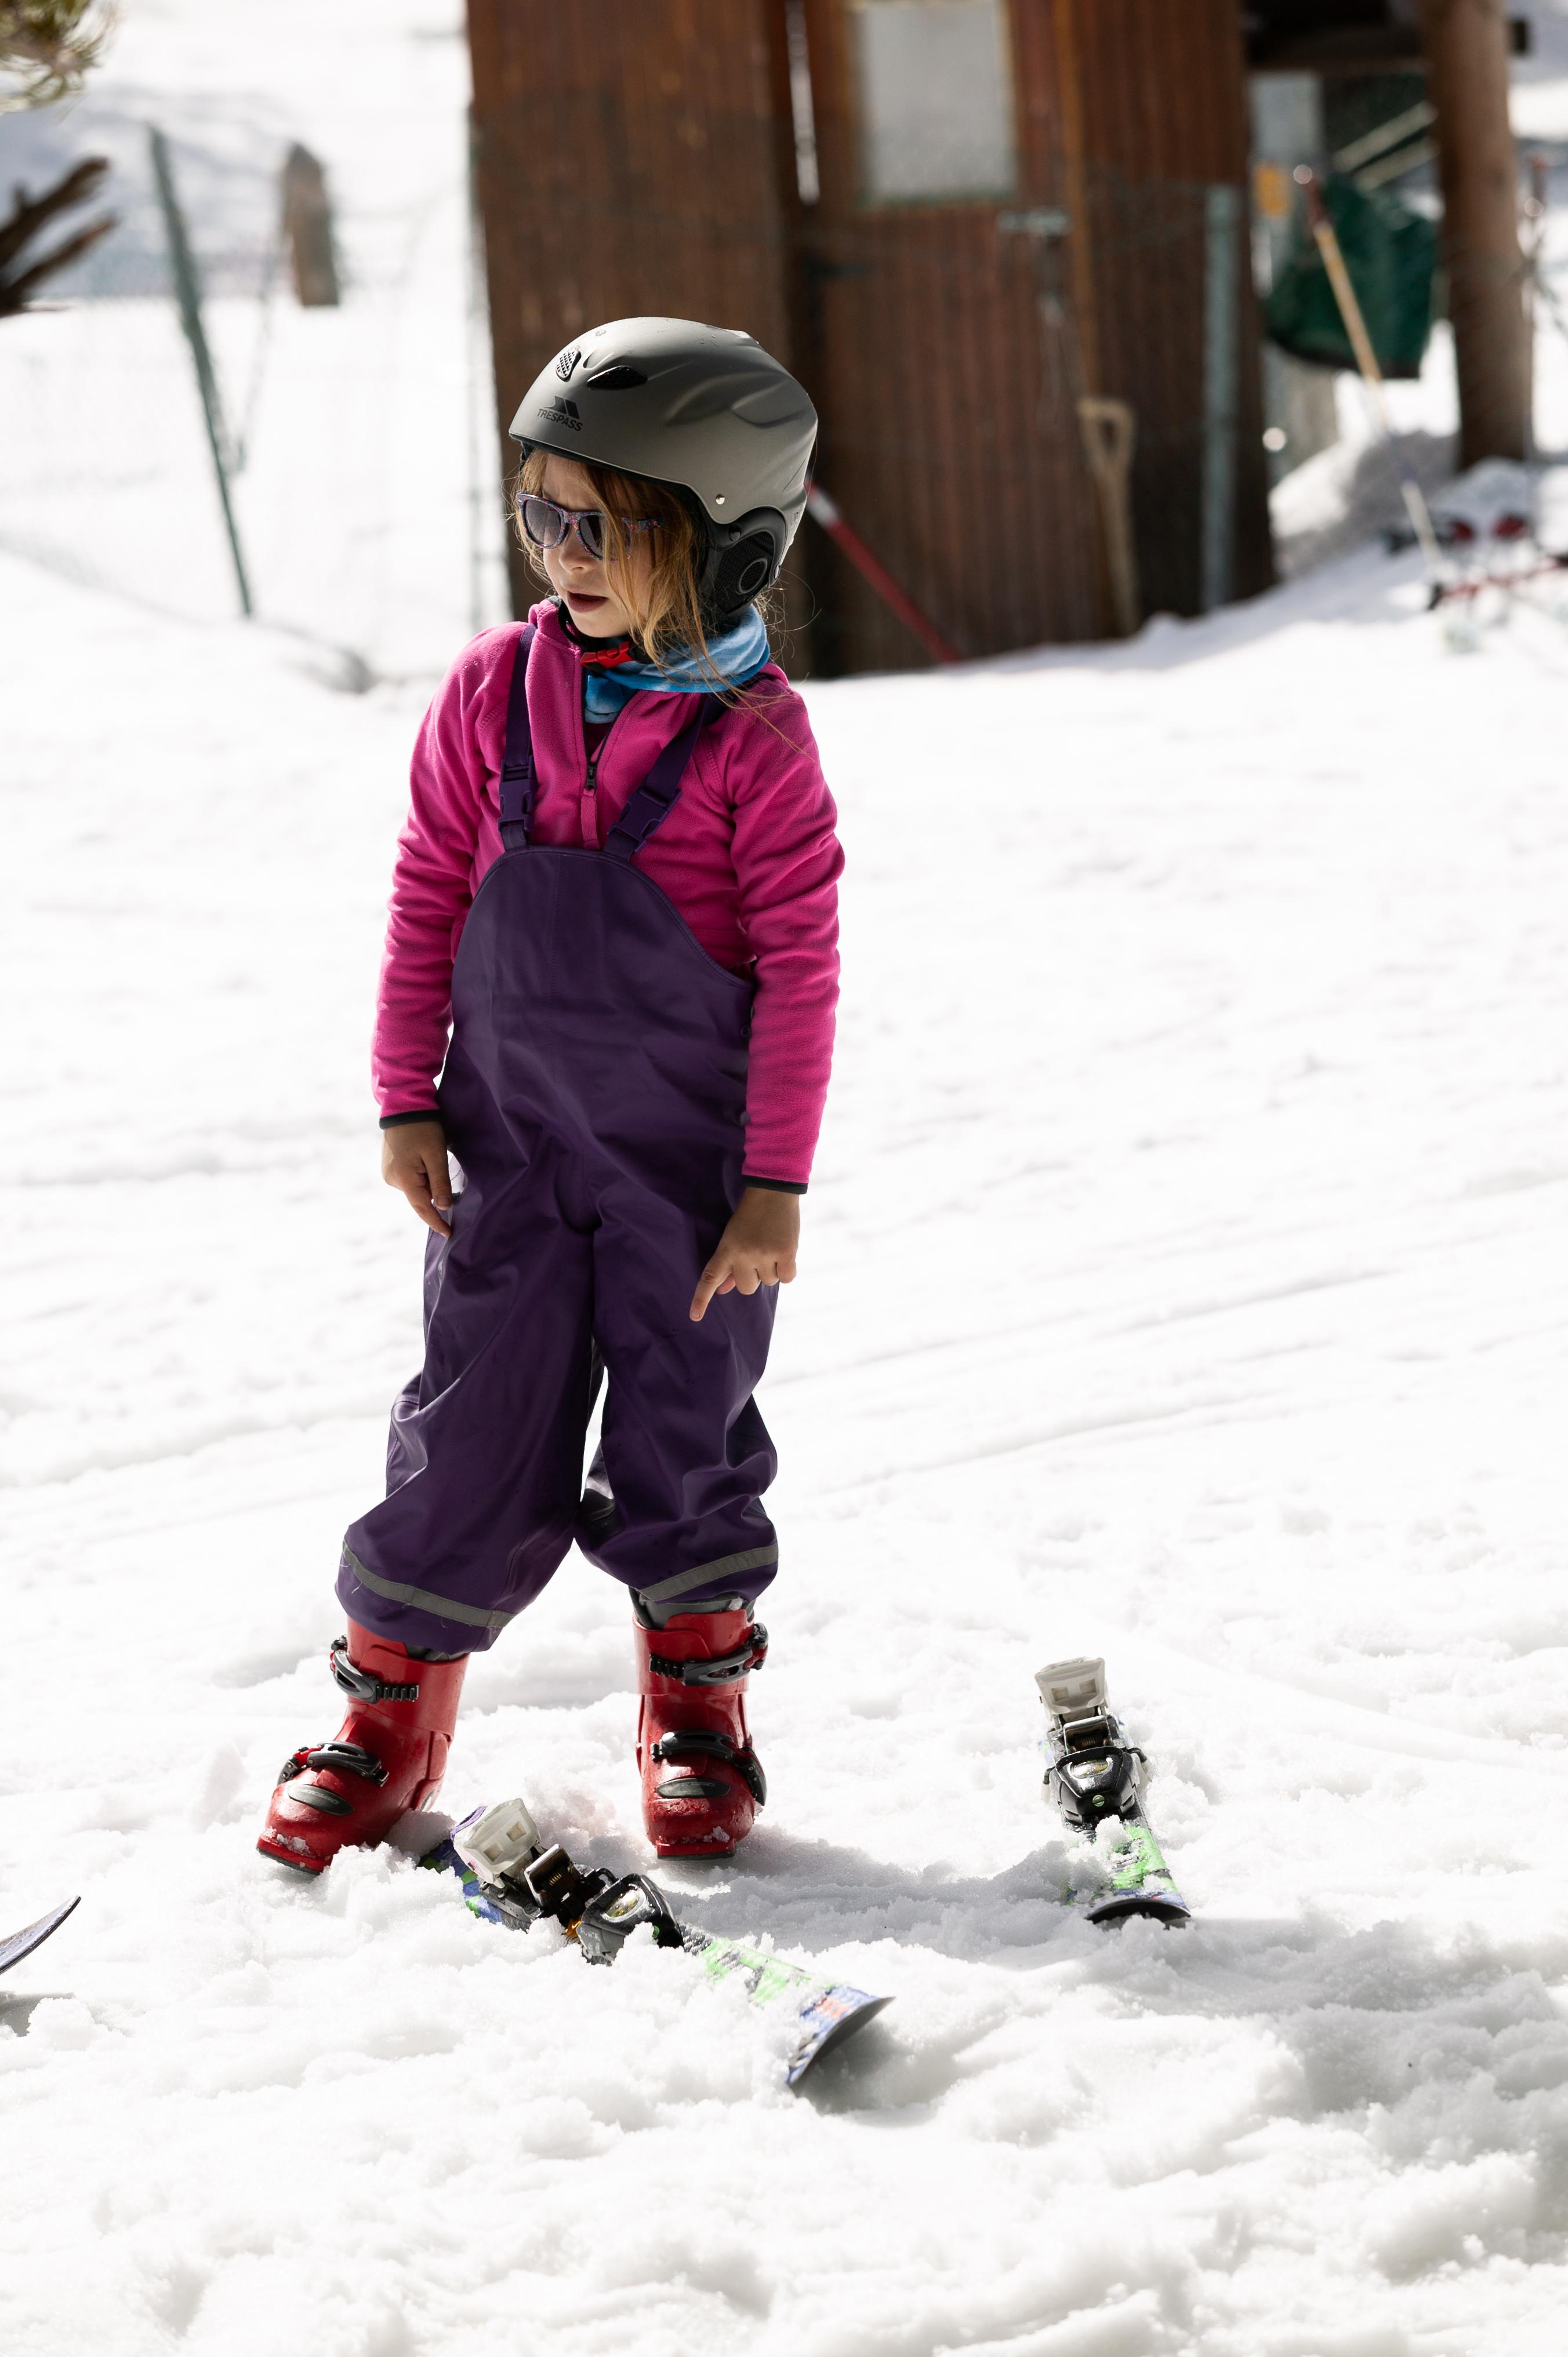 ski 25.02.19 (3 of 4)